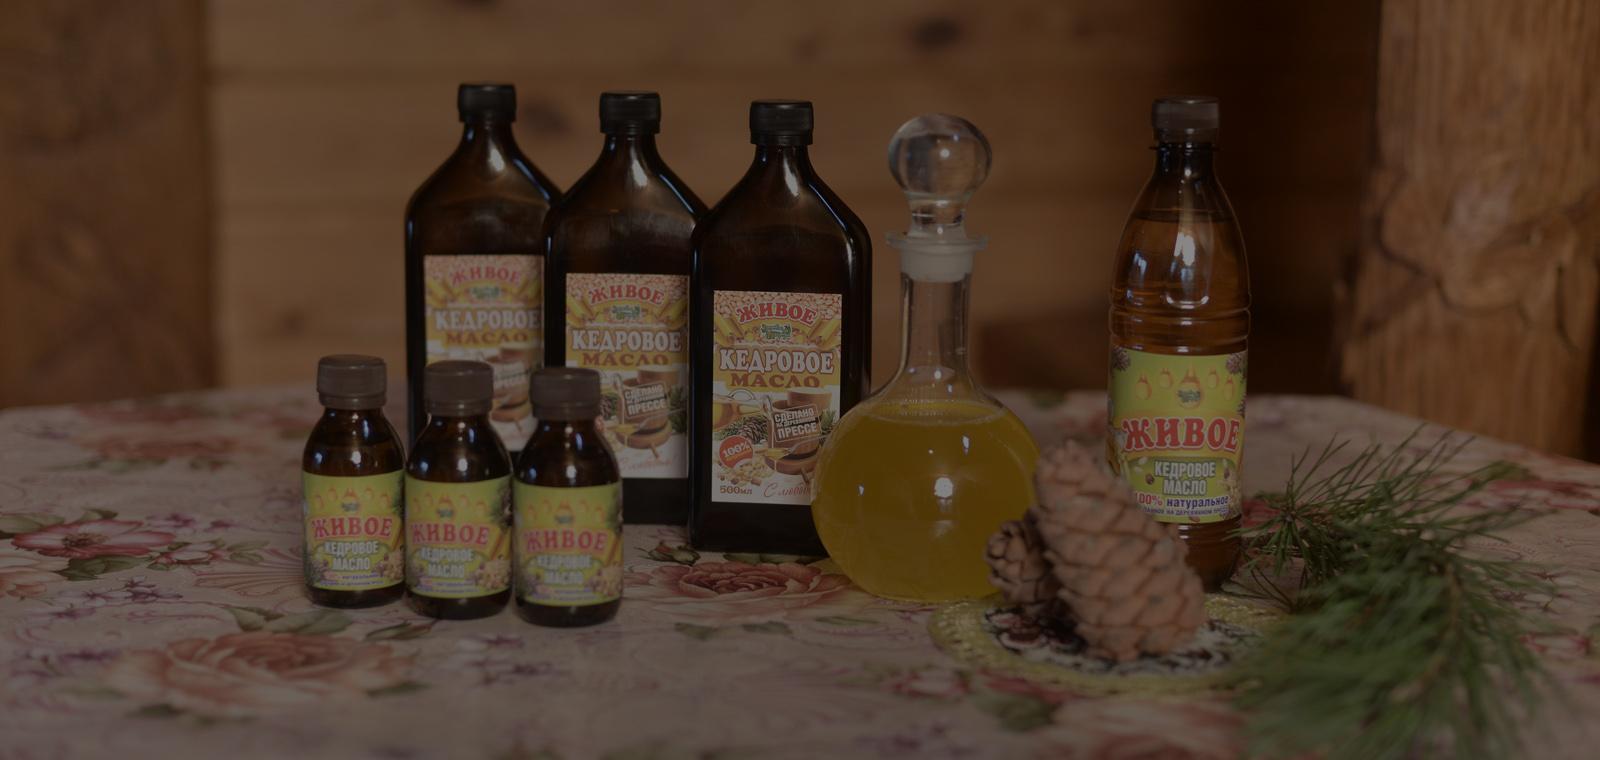 Кедровое масло для крепкого здоровья